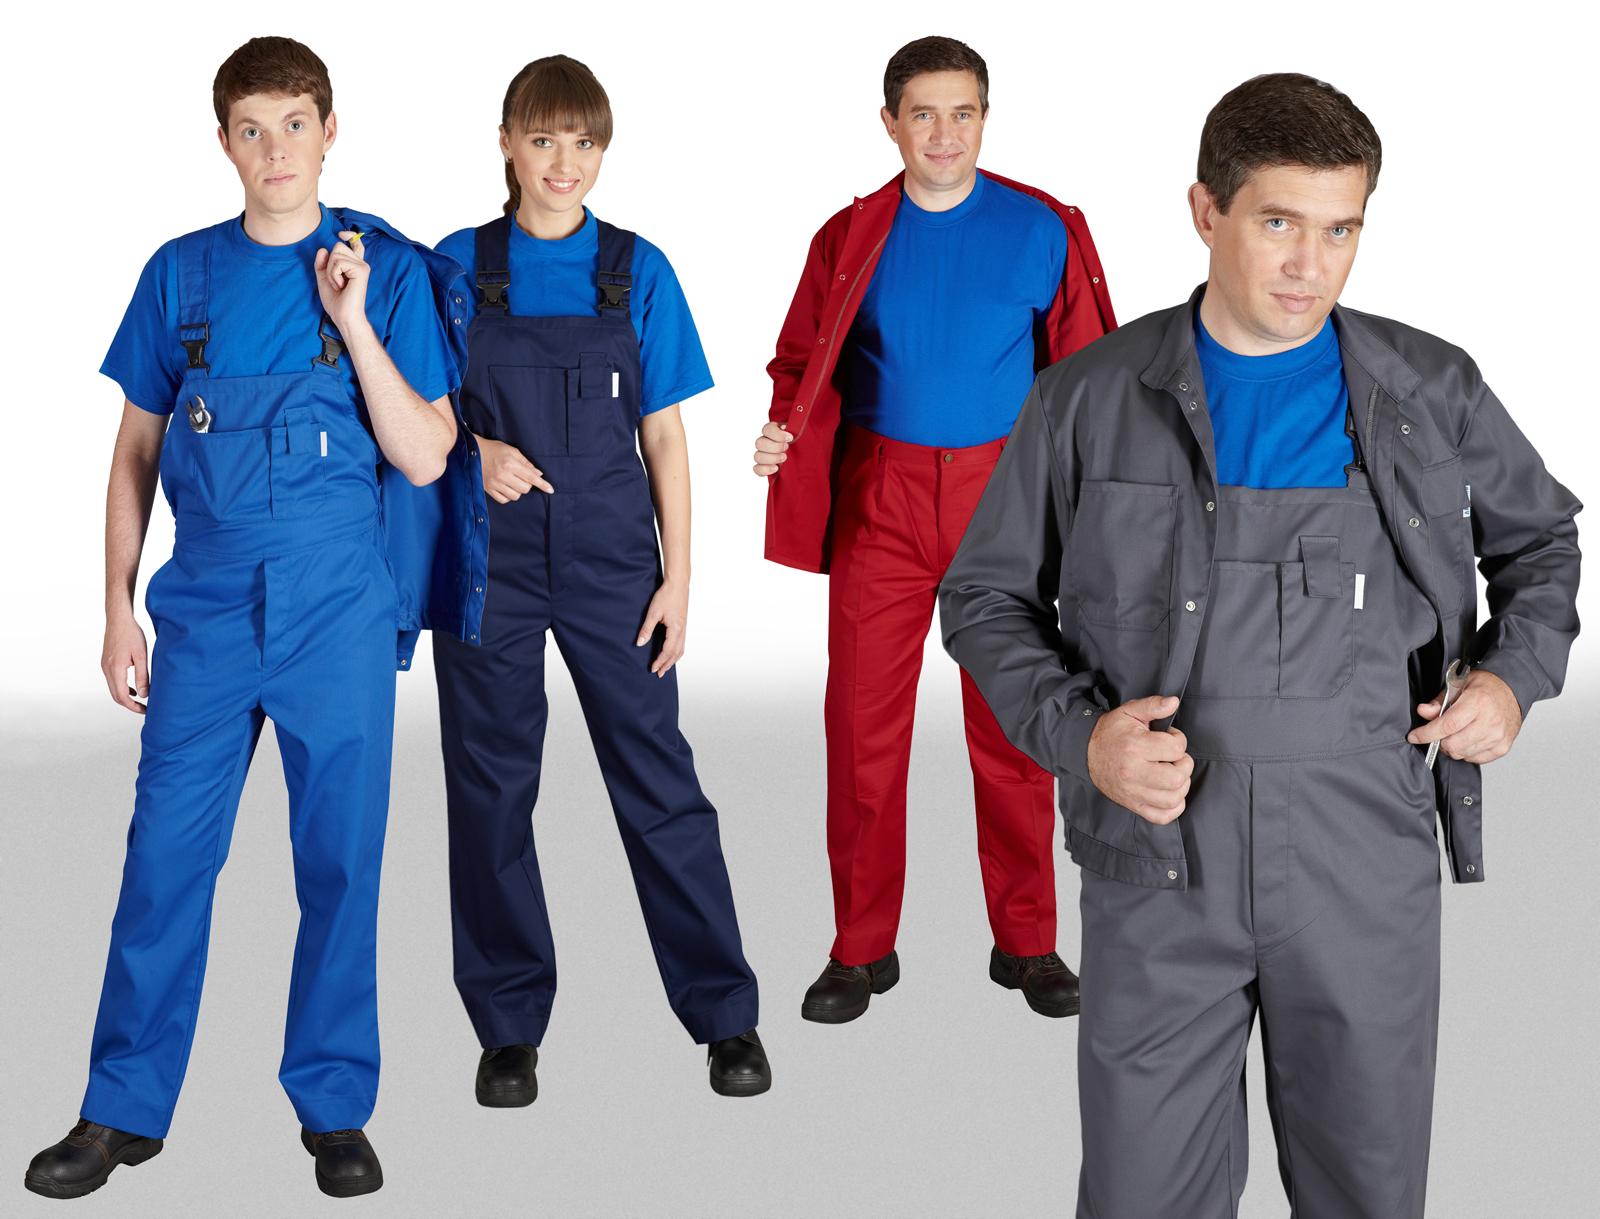 Спецодежда для промышленной стирки, специально разработана для компаний  специализирующихся на аренде одежды, услугах стирки и химчистки